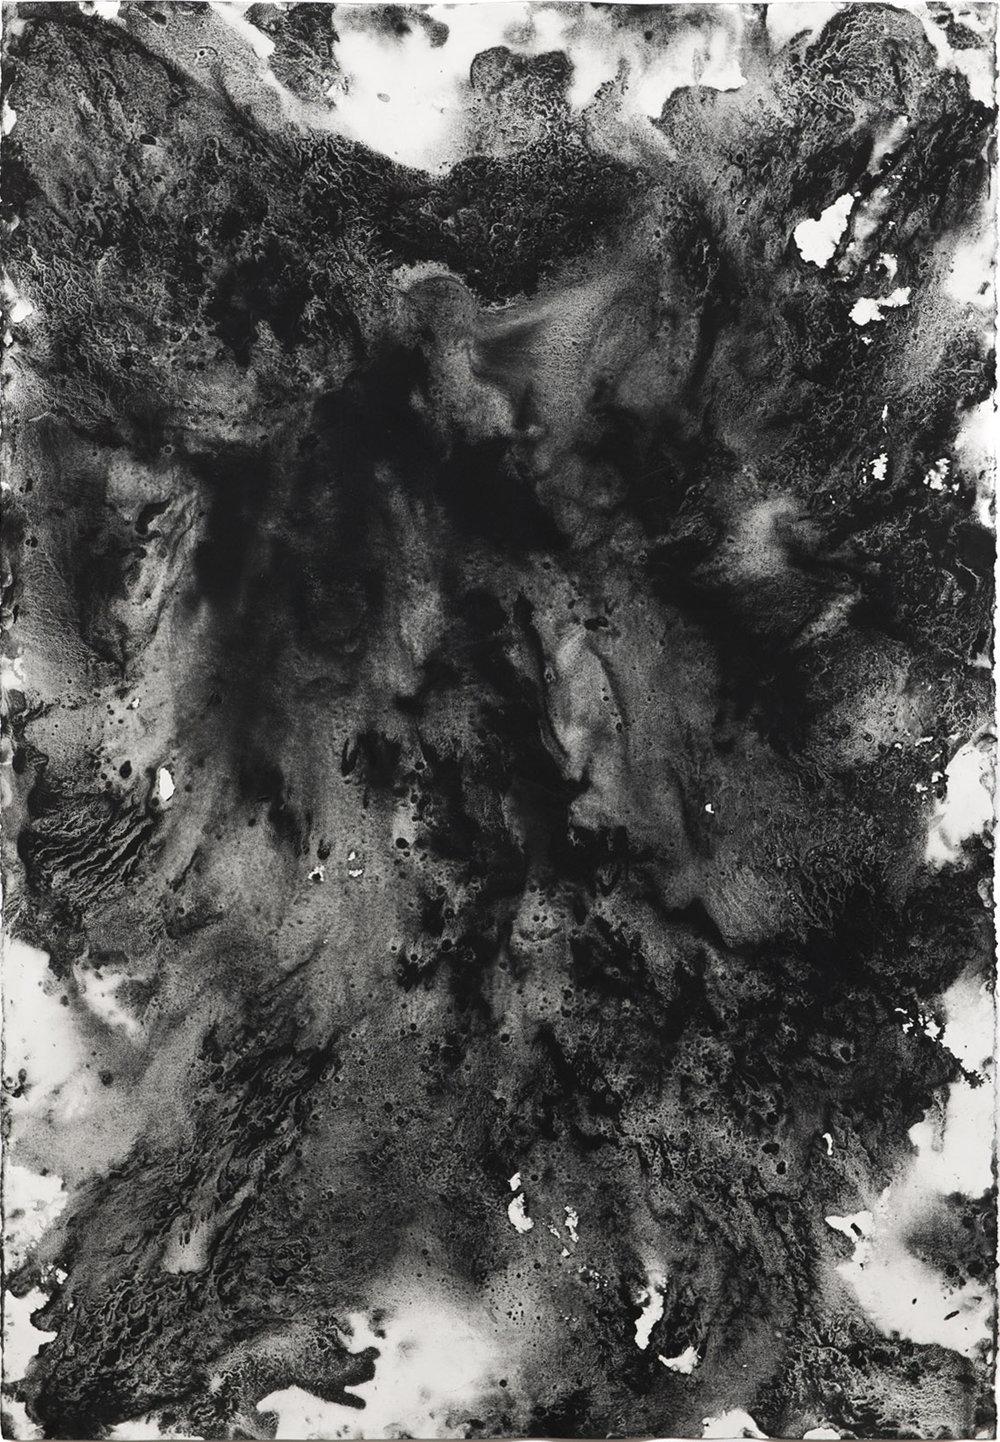 """Carl Trahan, Ohne Titel 2, 2018, graphite sur papier, 111 x 77 cm (44"""" x 30"""")"""